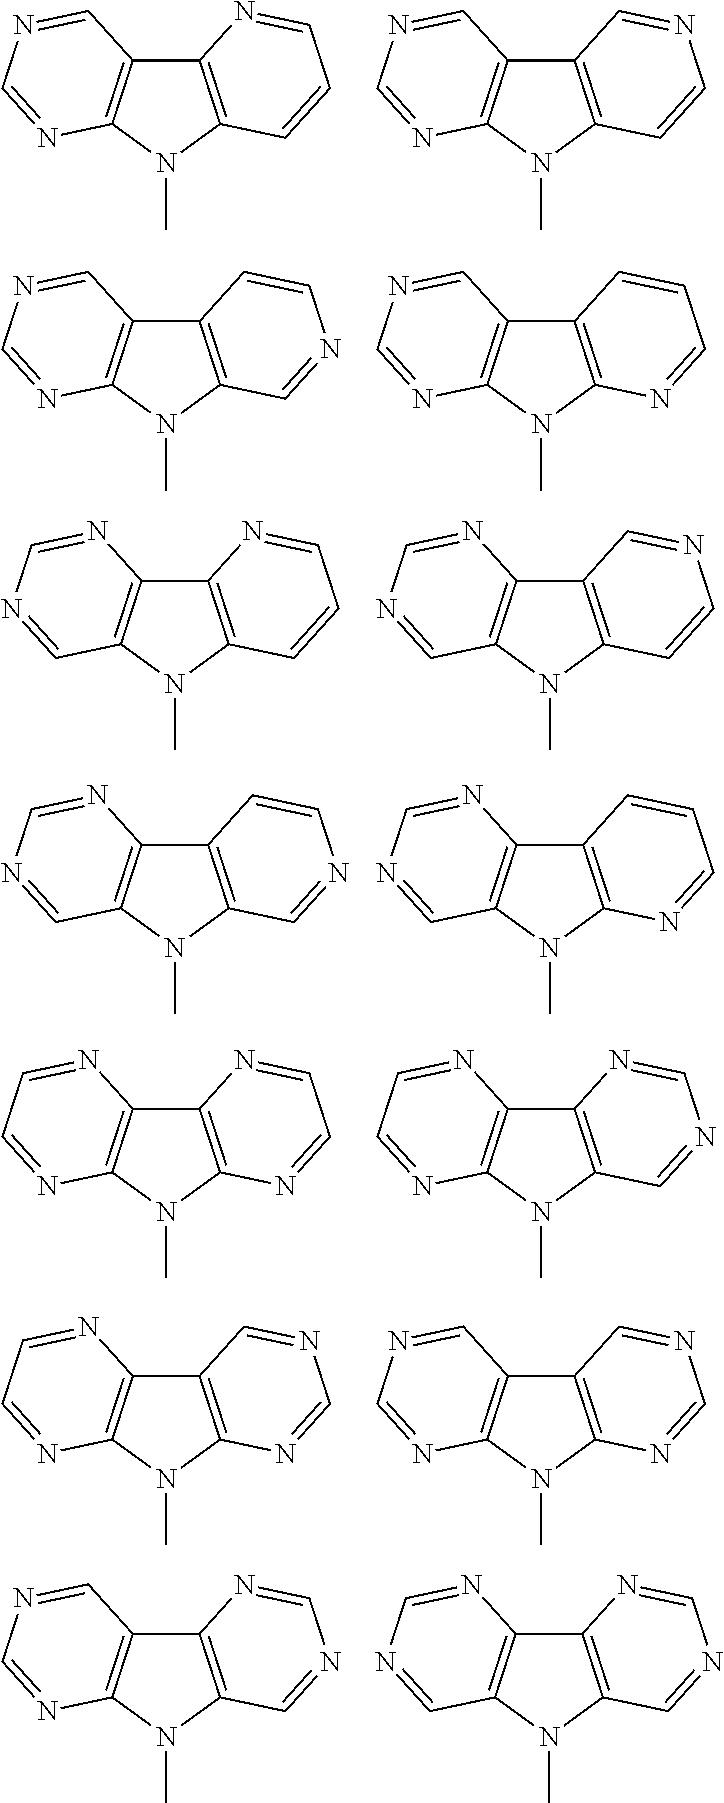 Figure US08580399-20131112-C00007